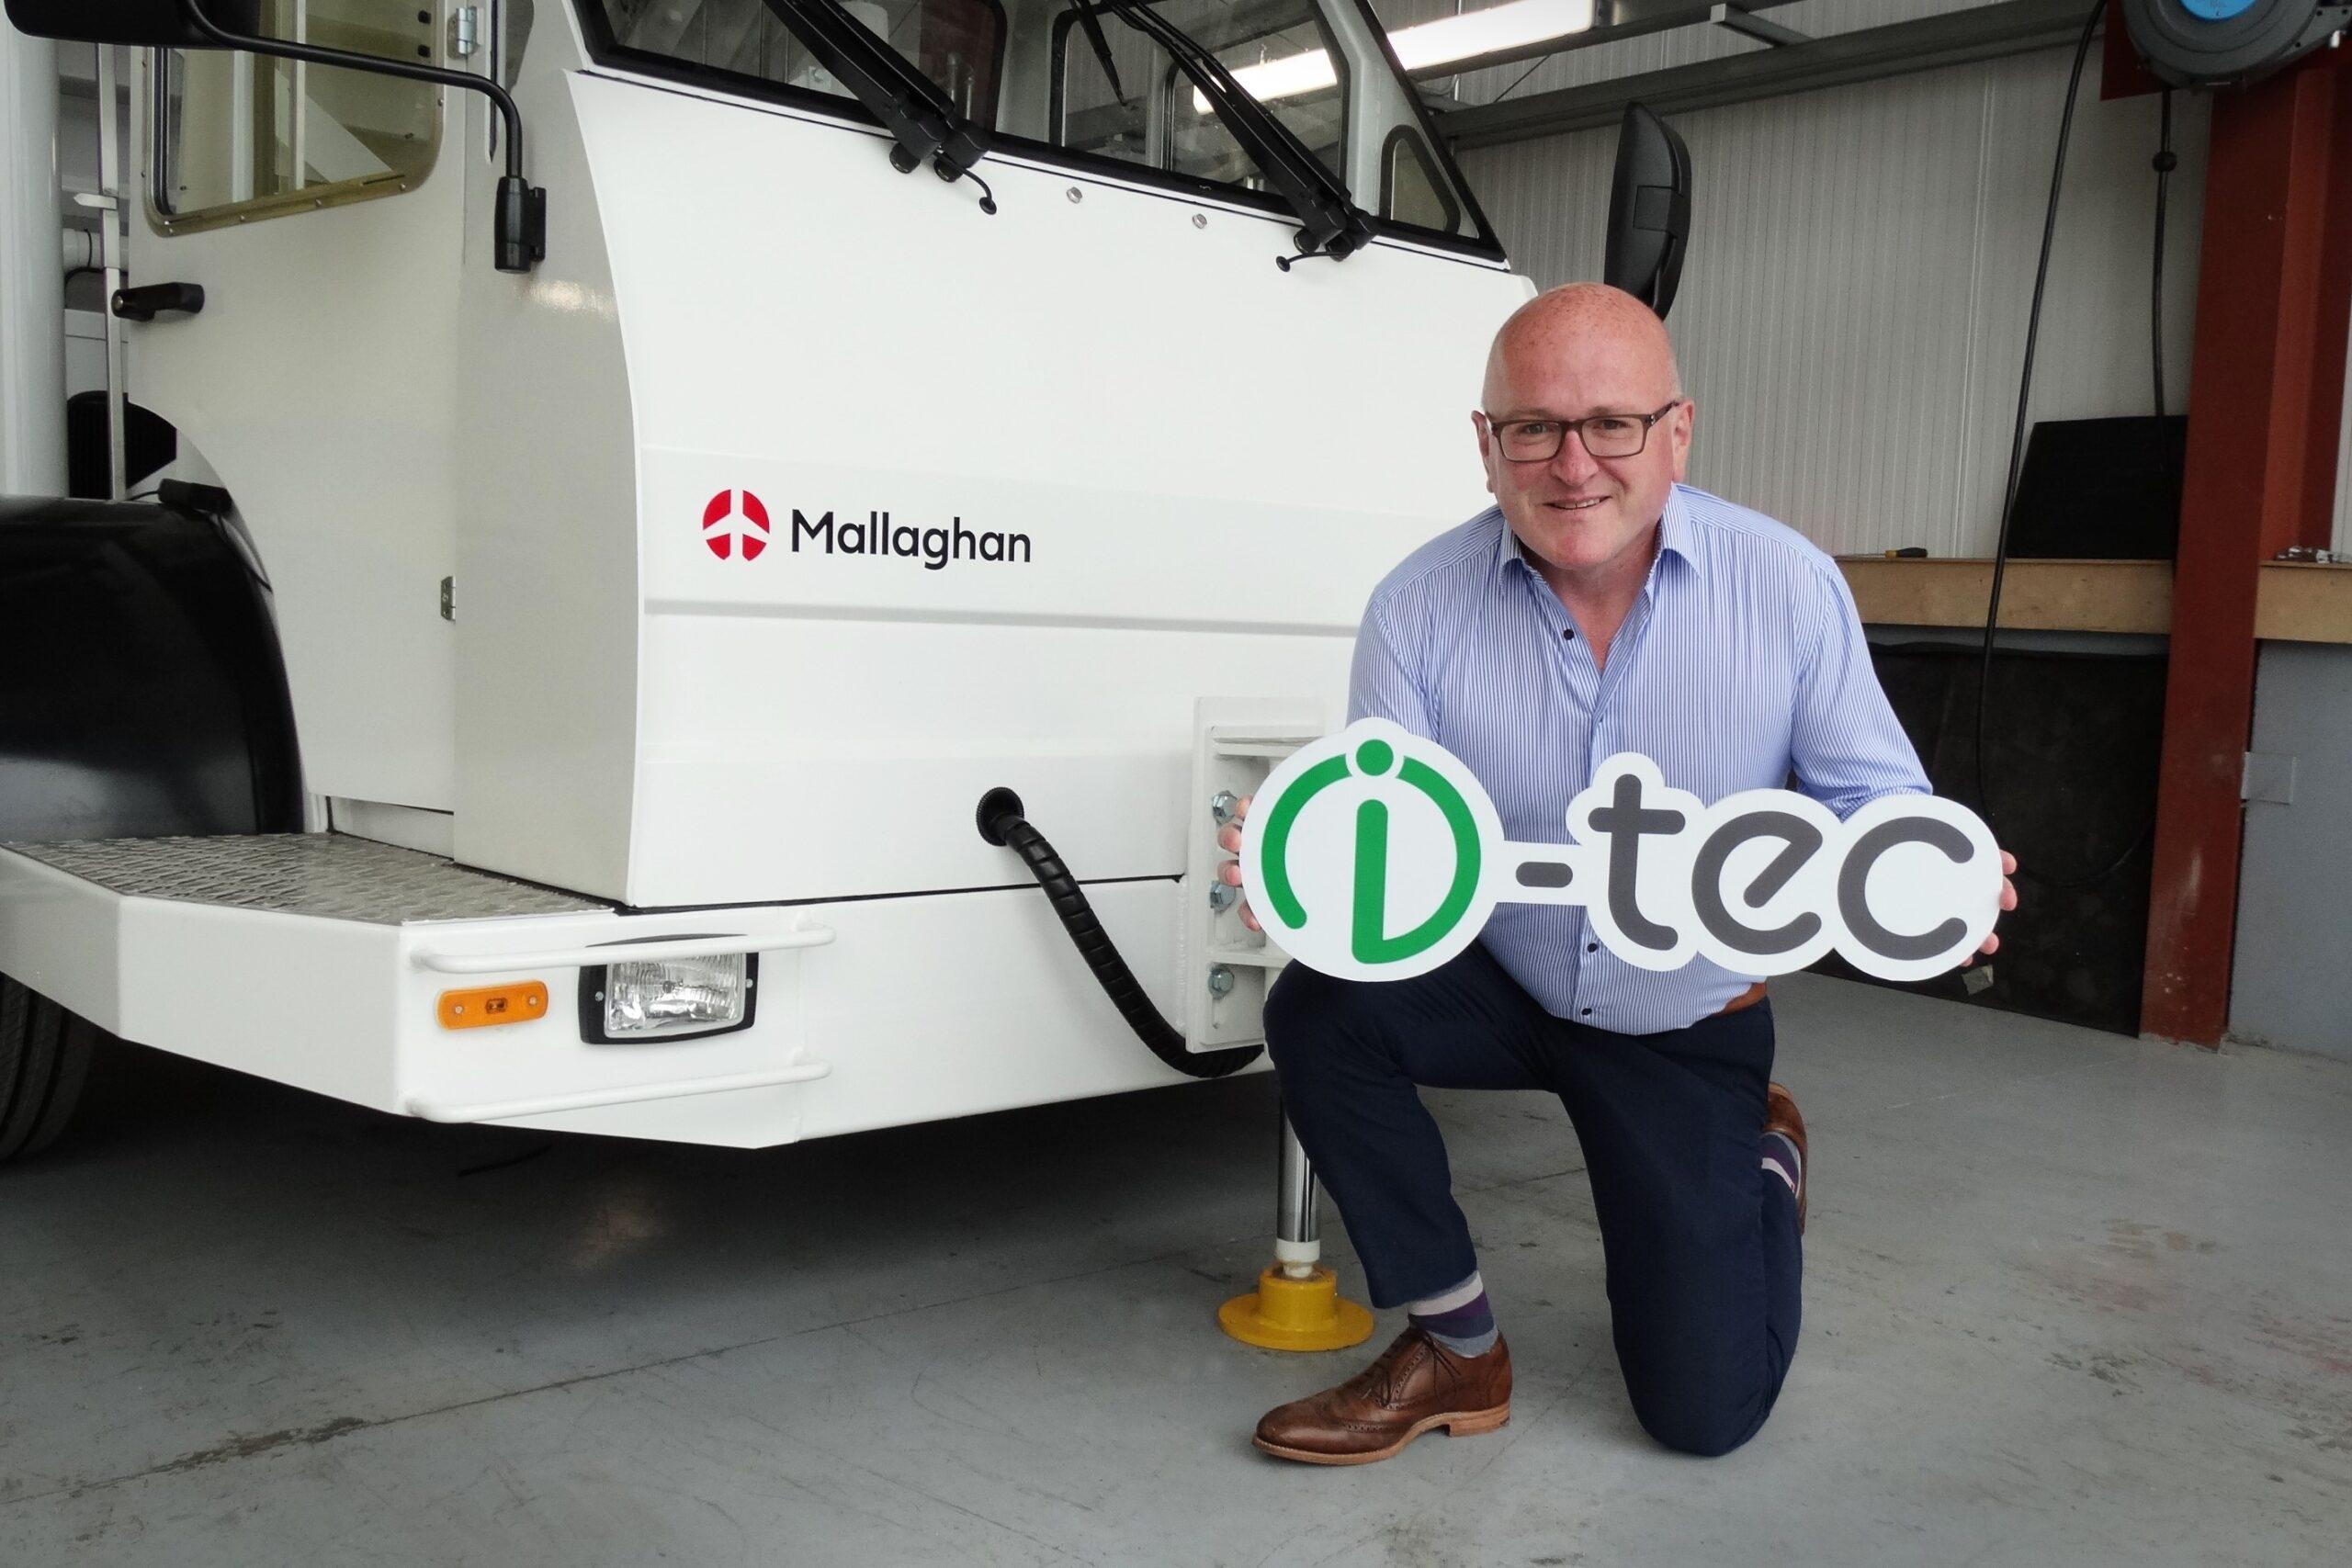 Mallaghan announces i-tec brand